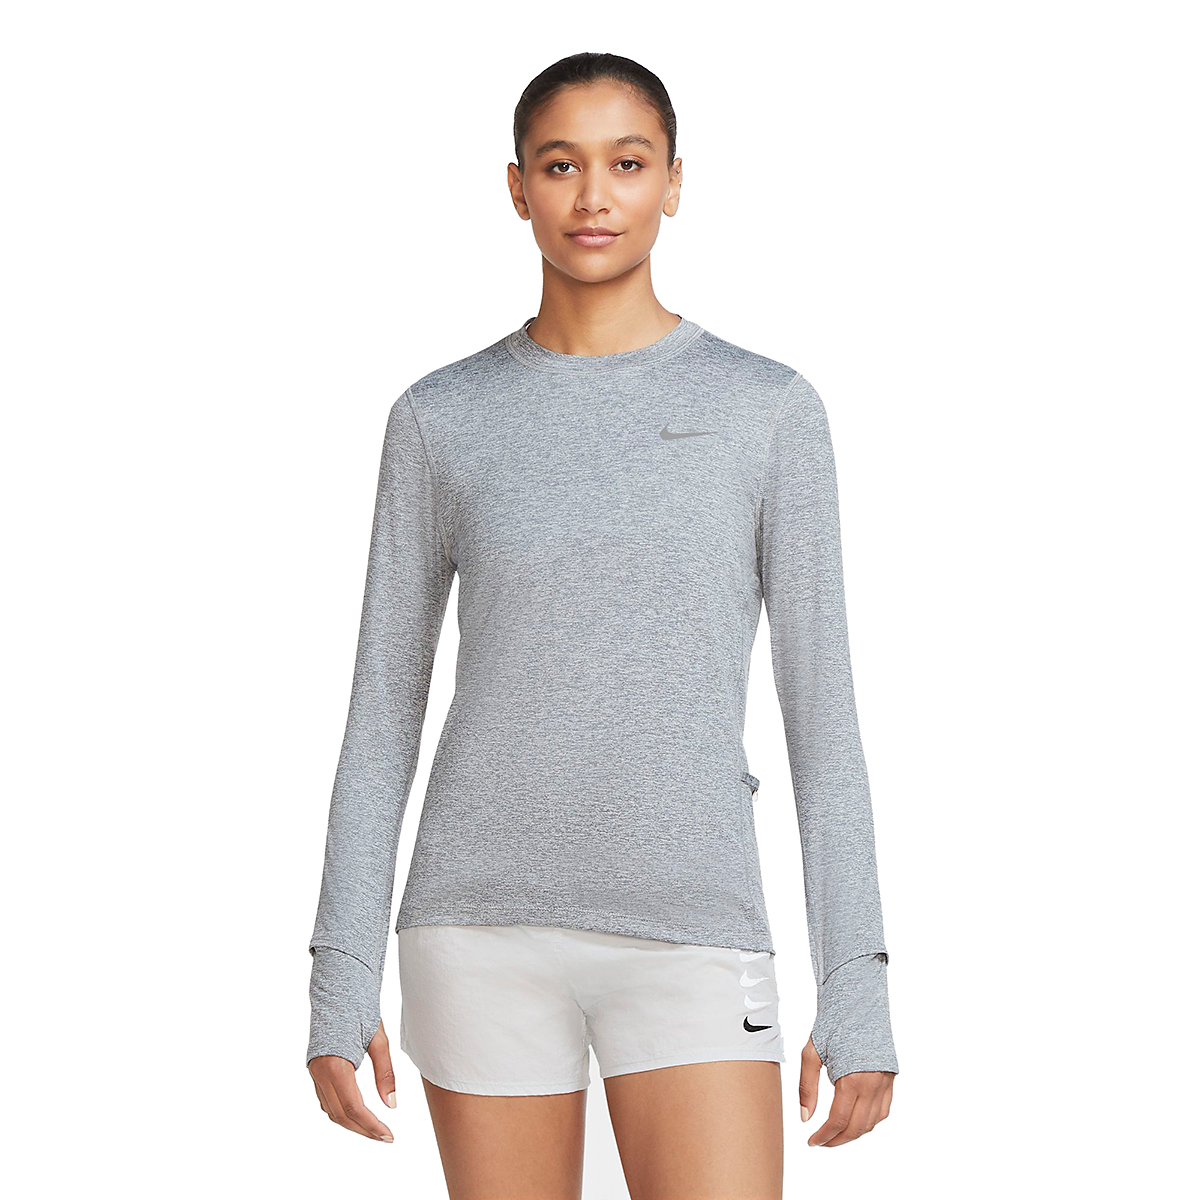 Women's Nike Element Crew Long Sleeve Shirt, , large, image 1